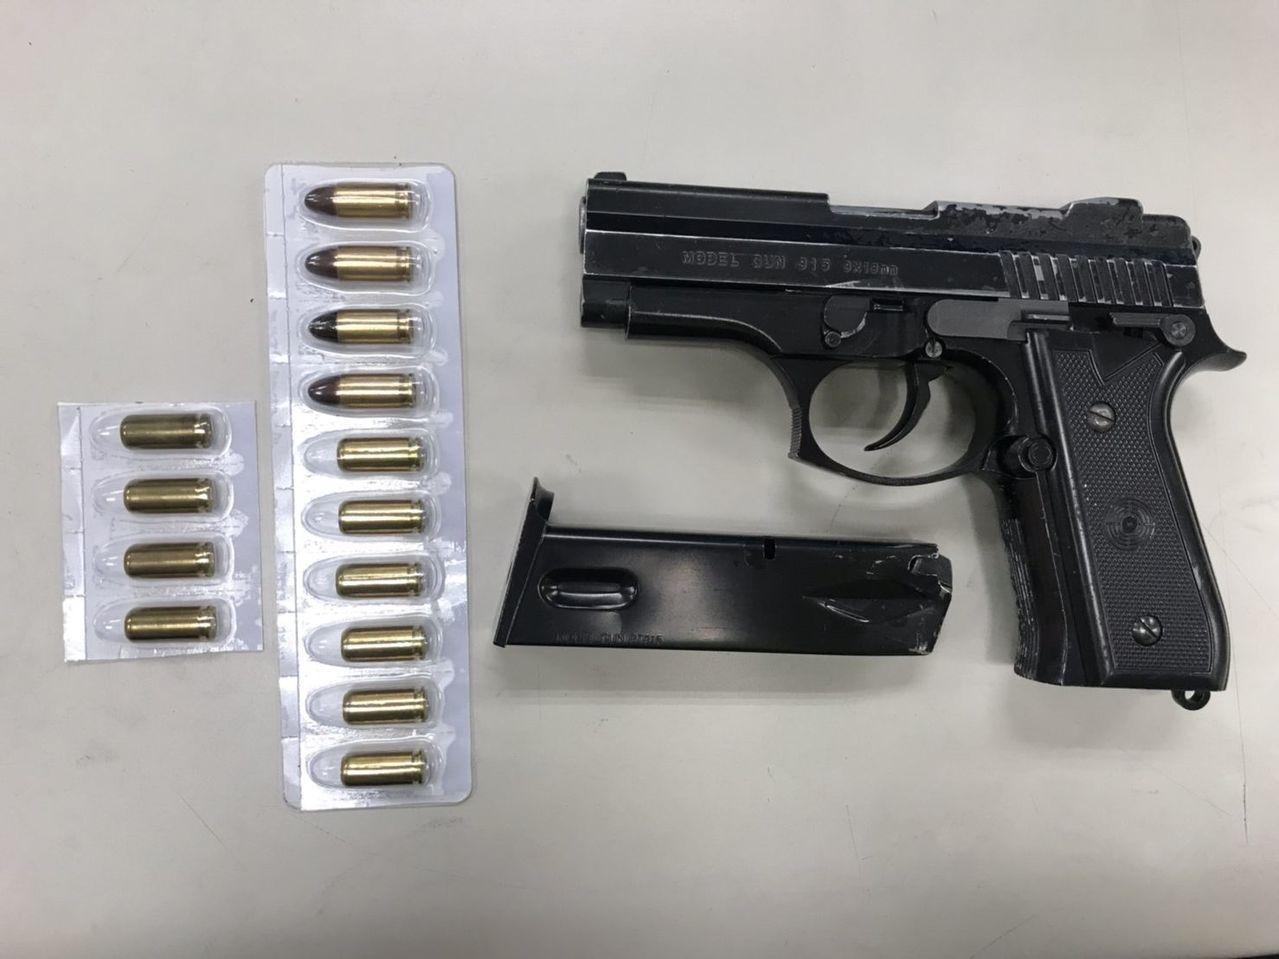 李嫌被查獲持有改造手槍和子彈。記者林昭彰/翻攝